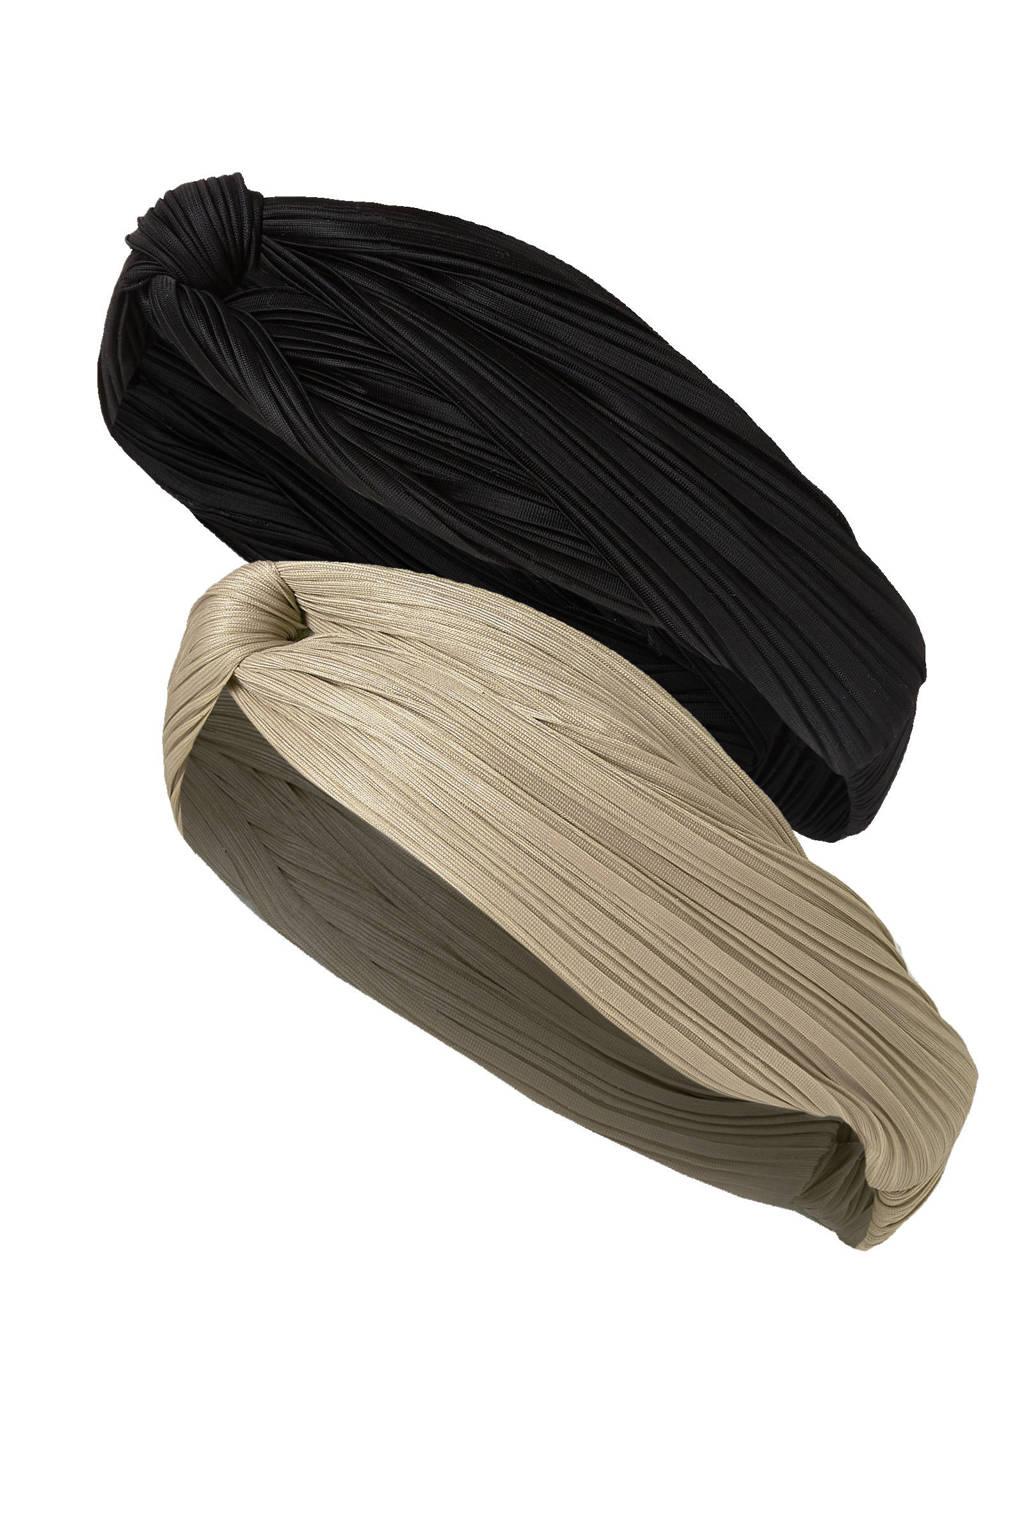 Sarlini haarband - set van 2 zwart/beige, Zwart/beige